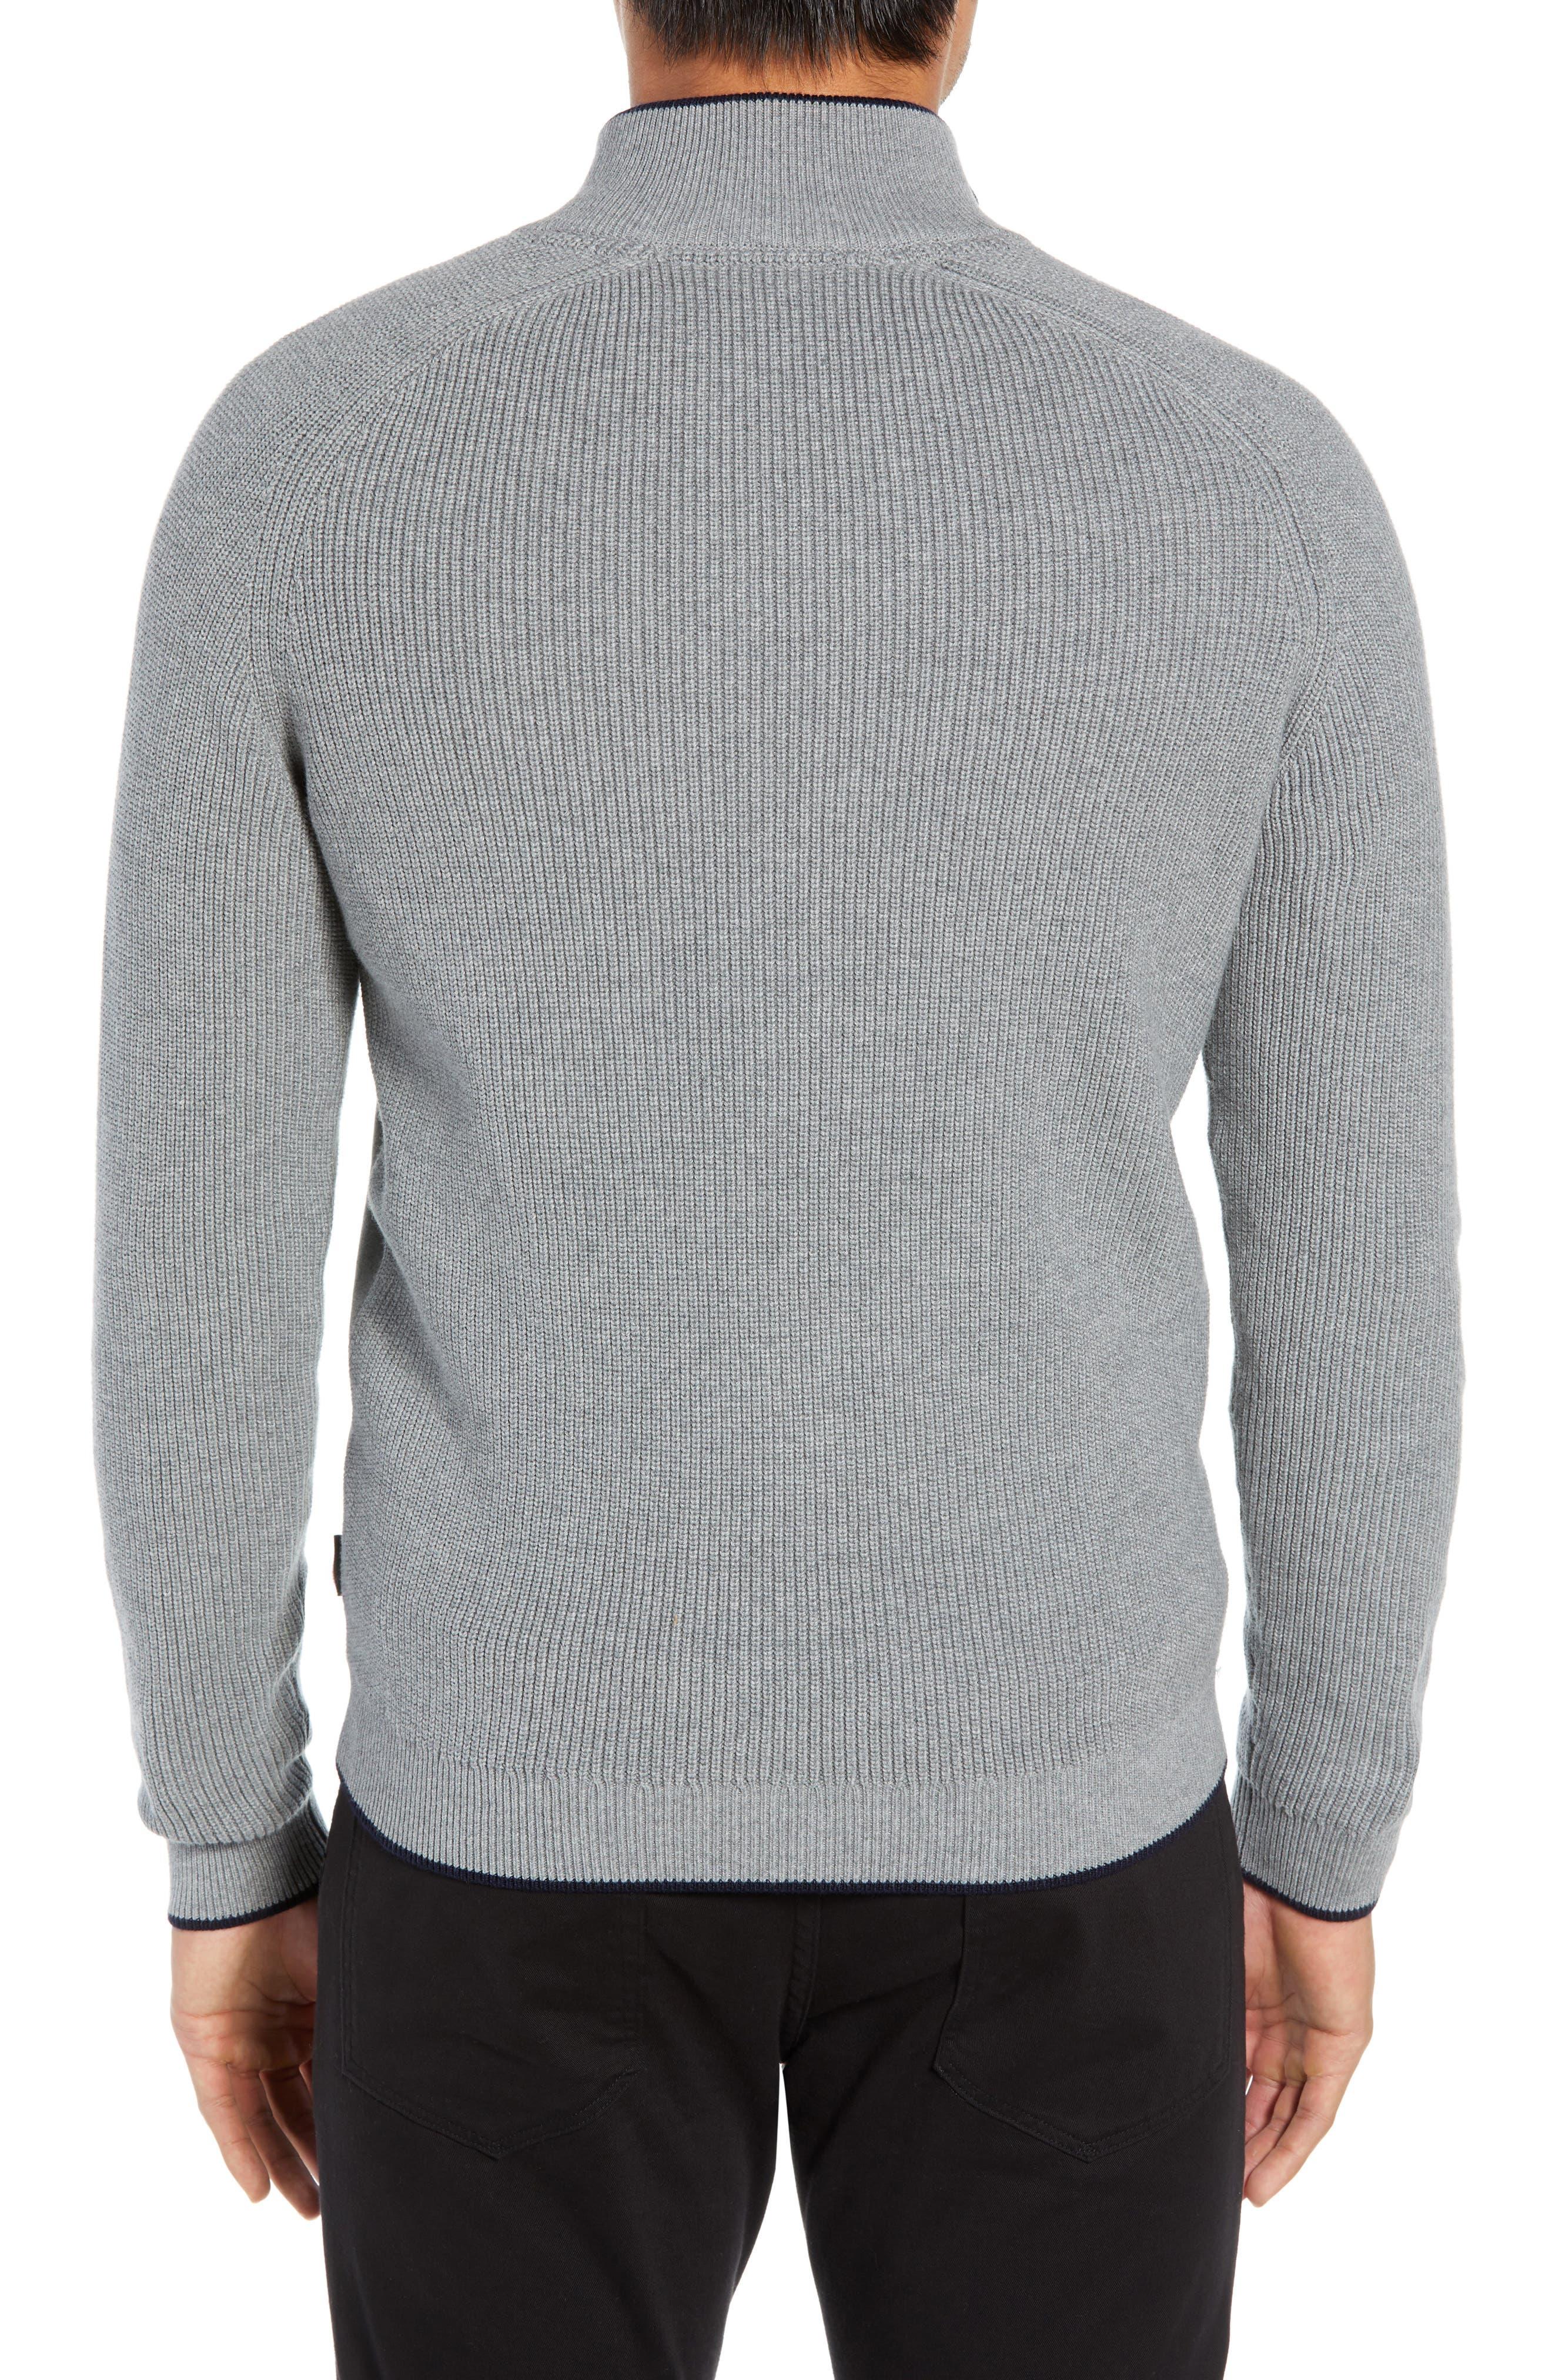 TED BAKER LONDON, Patrik Slim Fit Zip Sweater, Alternate thumbnail 2, color, 031